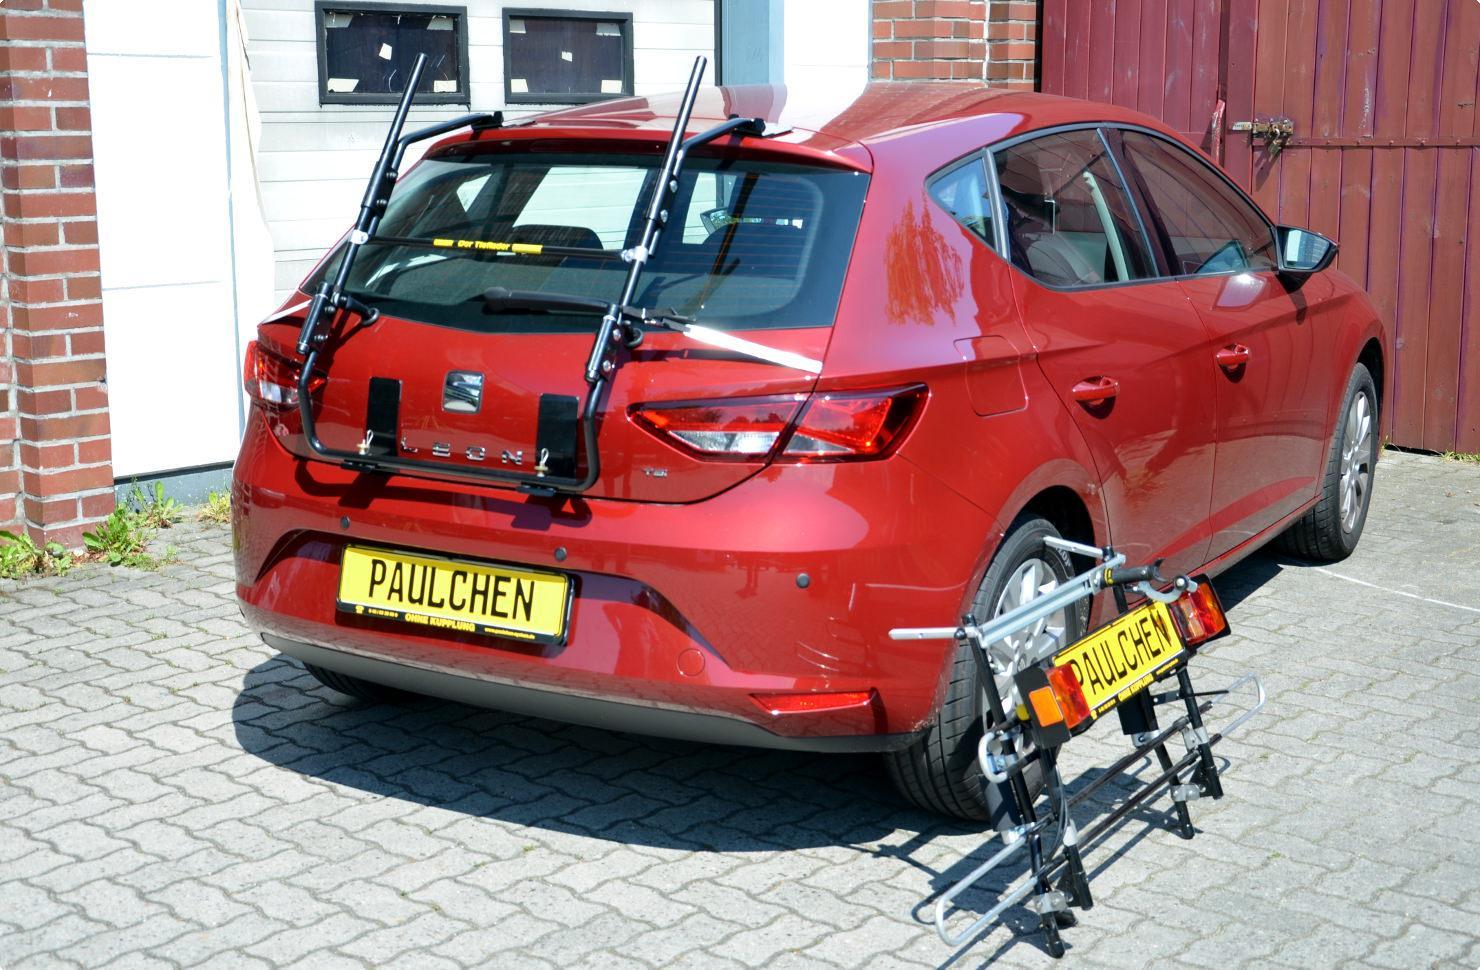 Seat Leon Bj ab 2012 Fahrradträger Heckklappe für 3 Fahrräder Heckträger